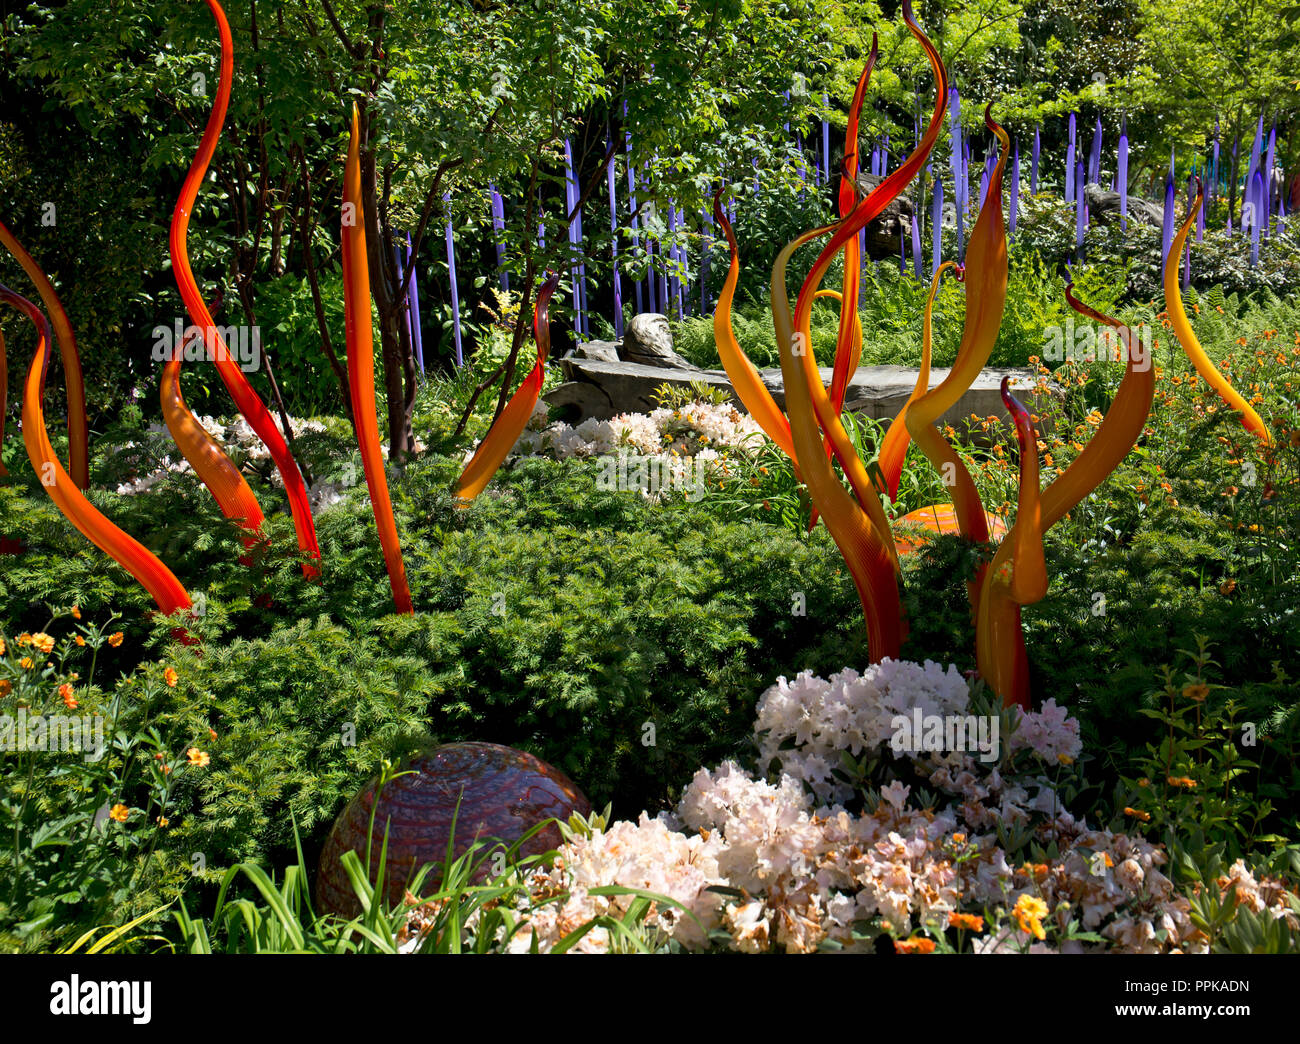 Dale Chihuly, hand blown glass, Seattle, Washington State, USA Stock Photo